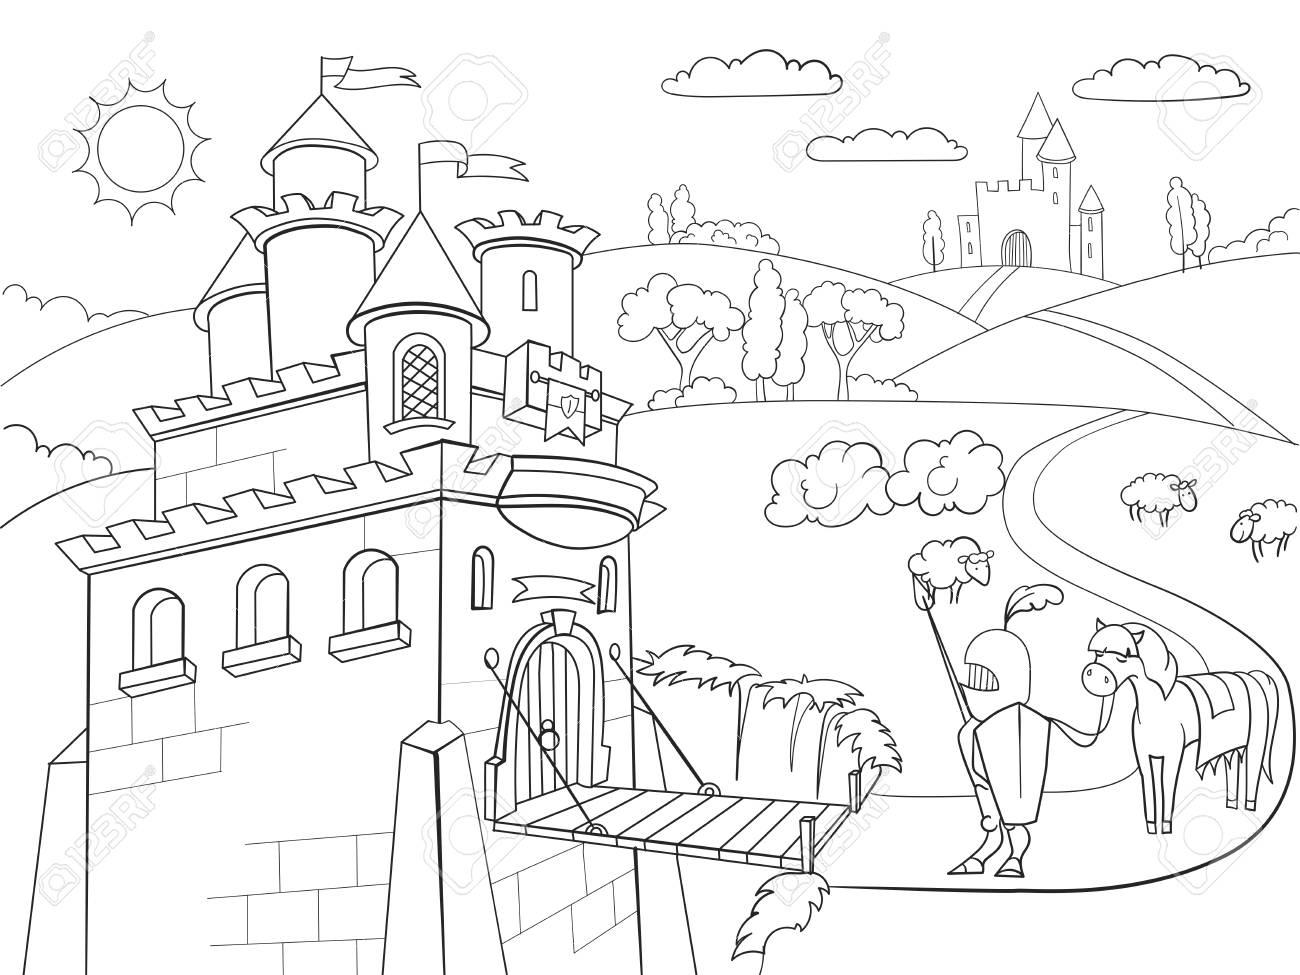 Niños Para Colorear De Dibujos Animados Caballero Castillo Ráster Zentangle Estilo Blanco Y Negro Caballero Caballo Armadura Castillo Cuento De